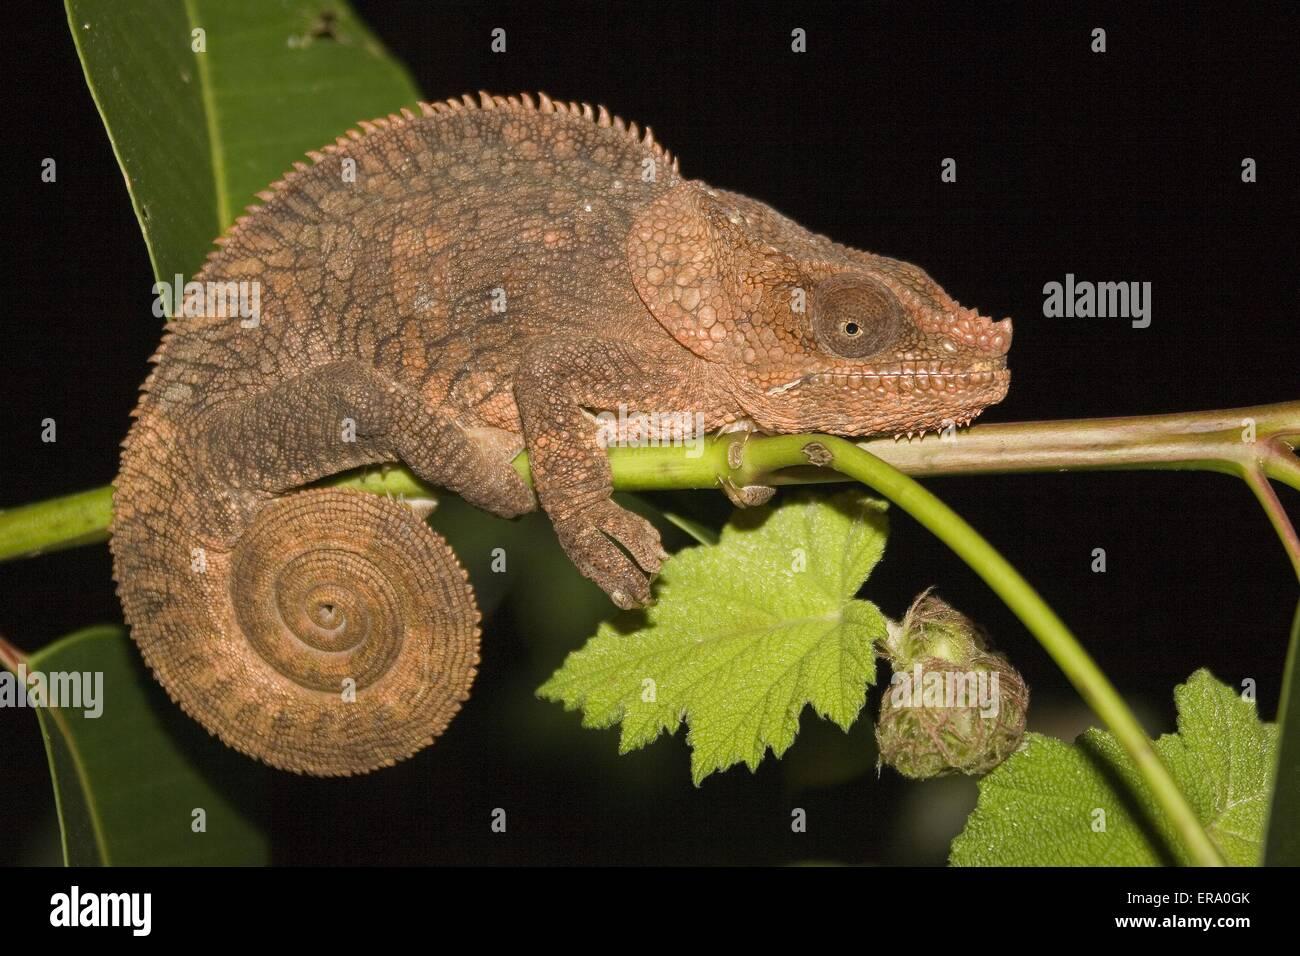 Curto-unicórnio Chameleon Imagens de Stock